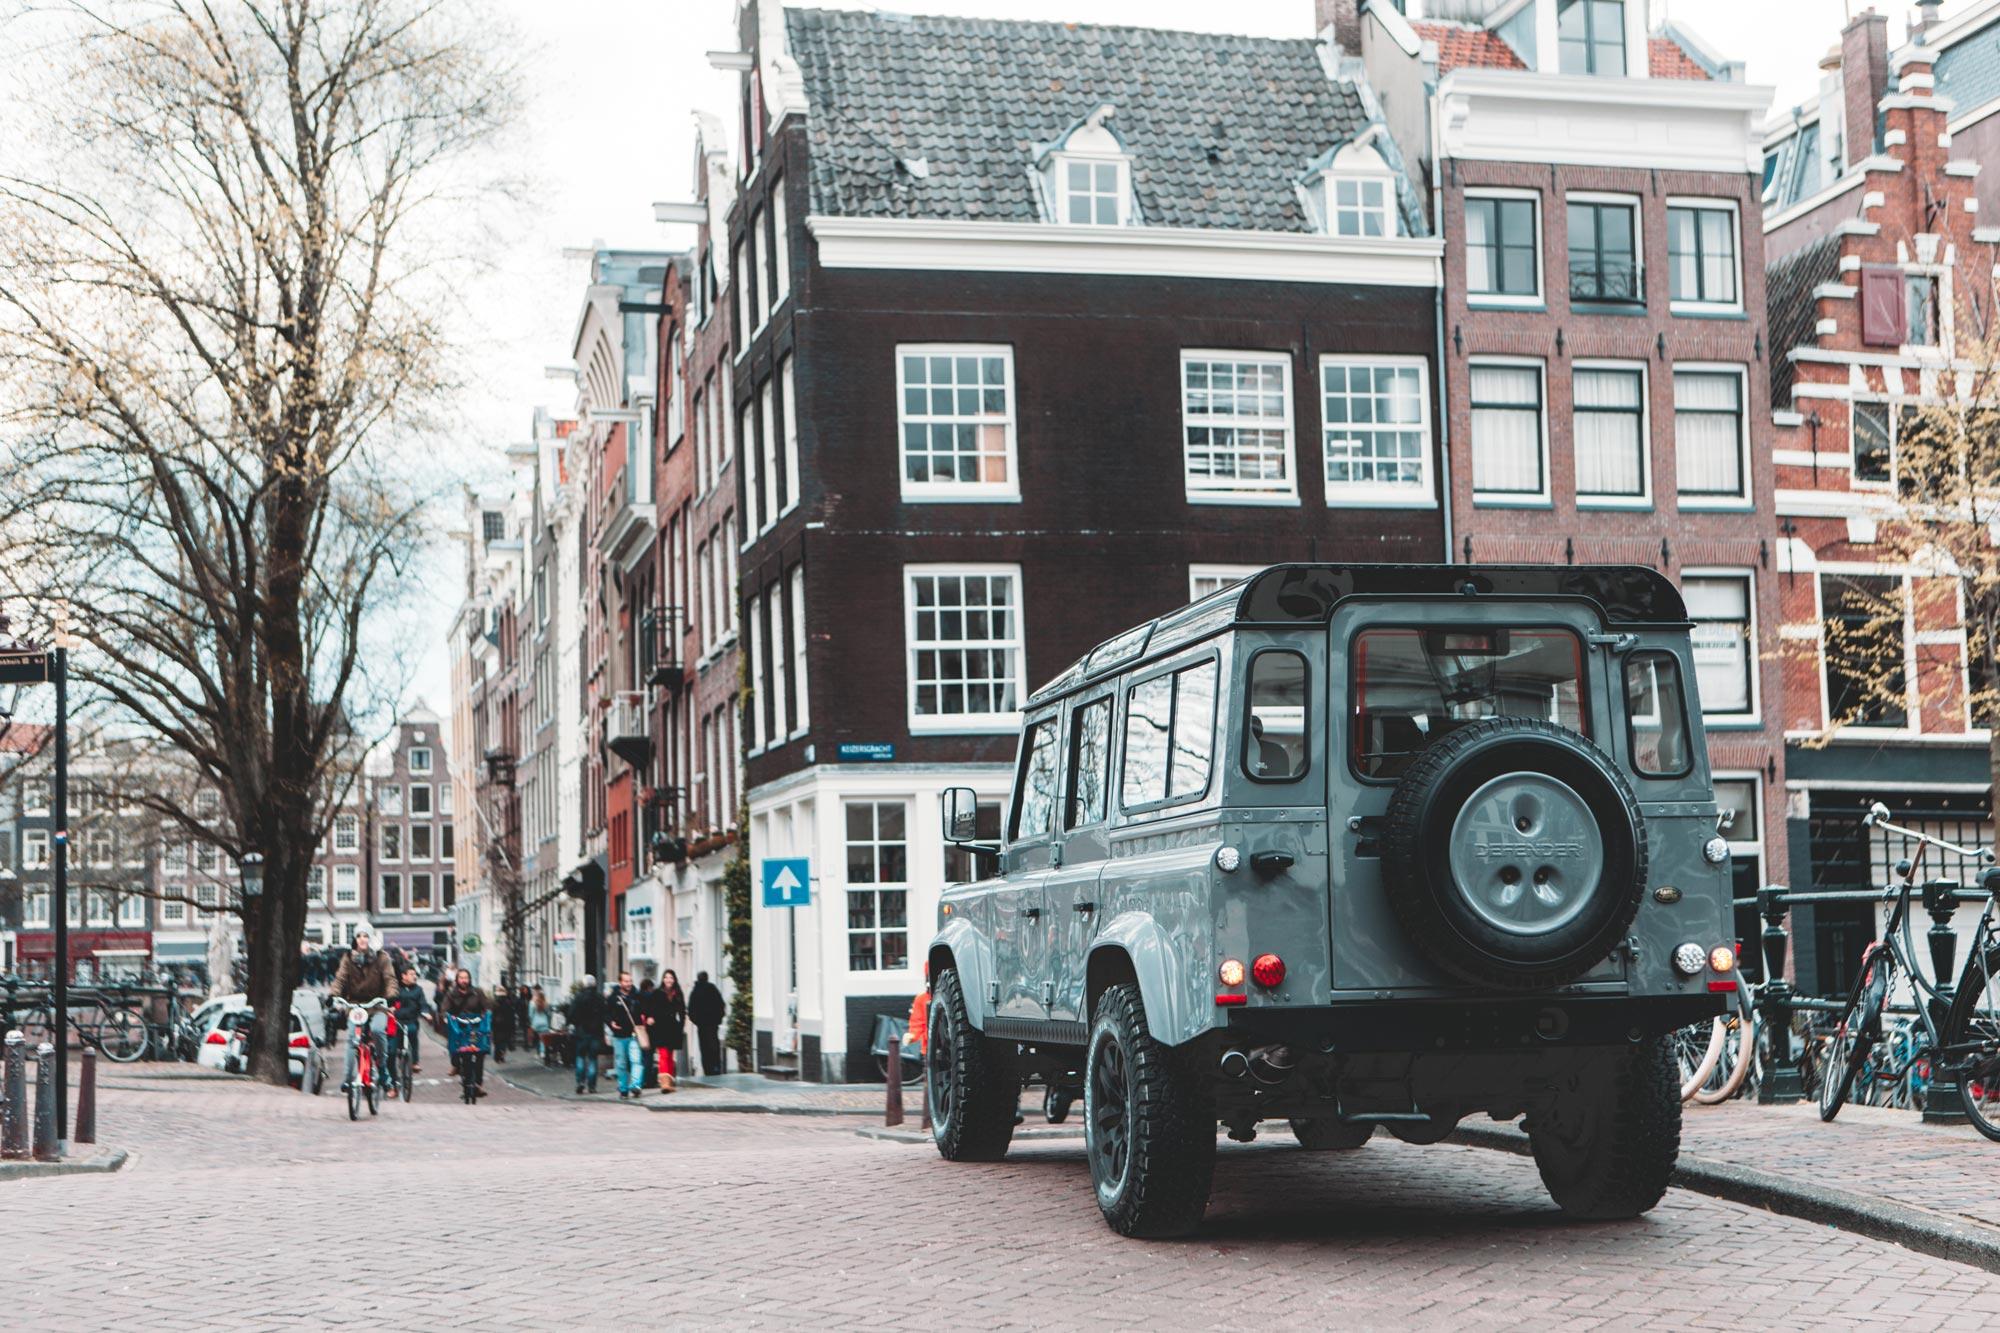 Land-Rover-Nederland-fotograaf-1